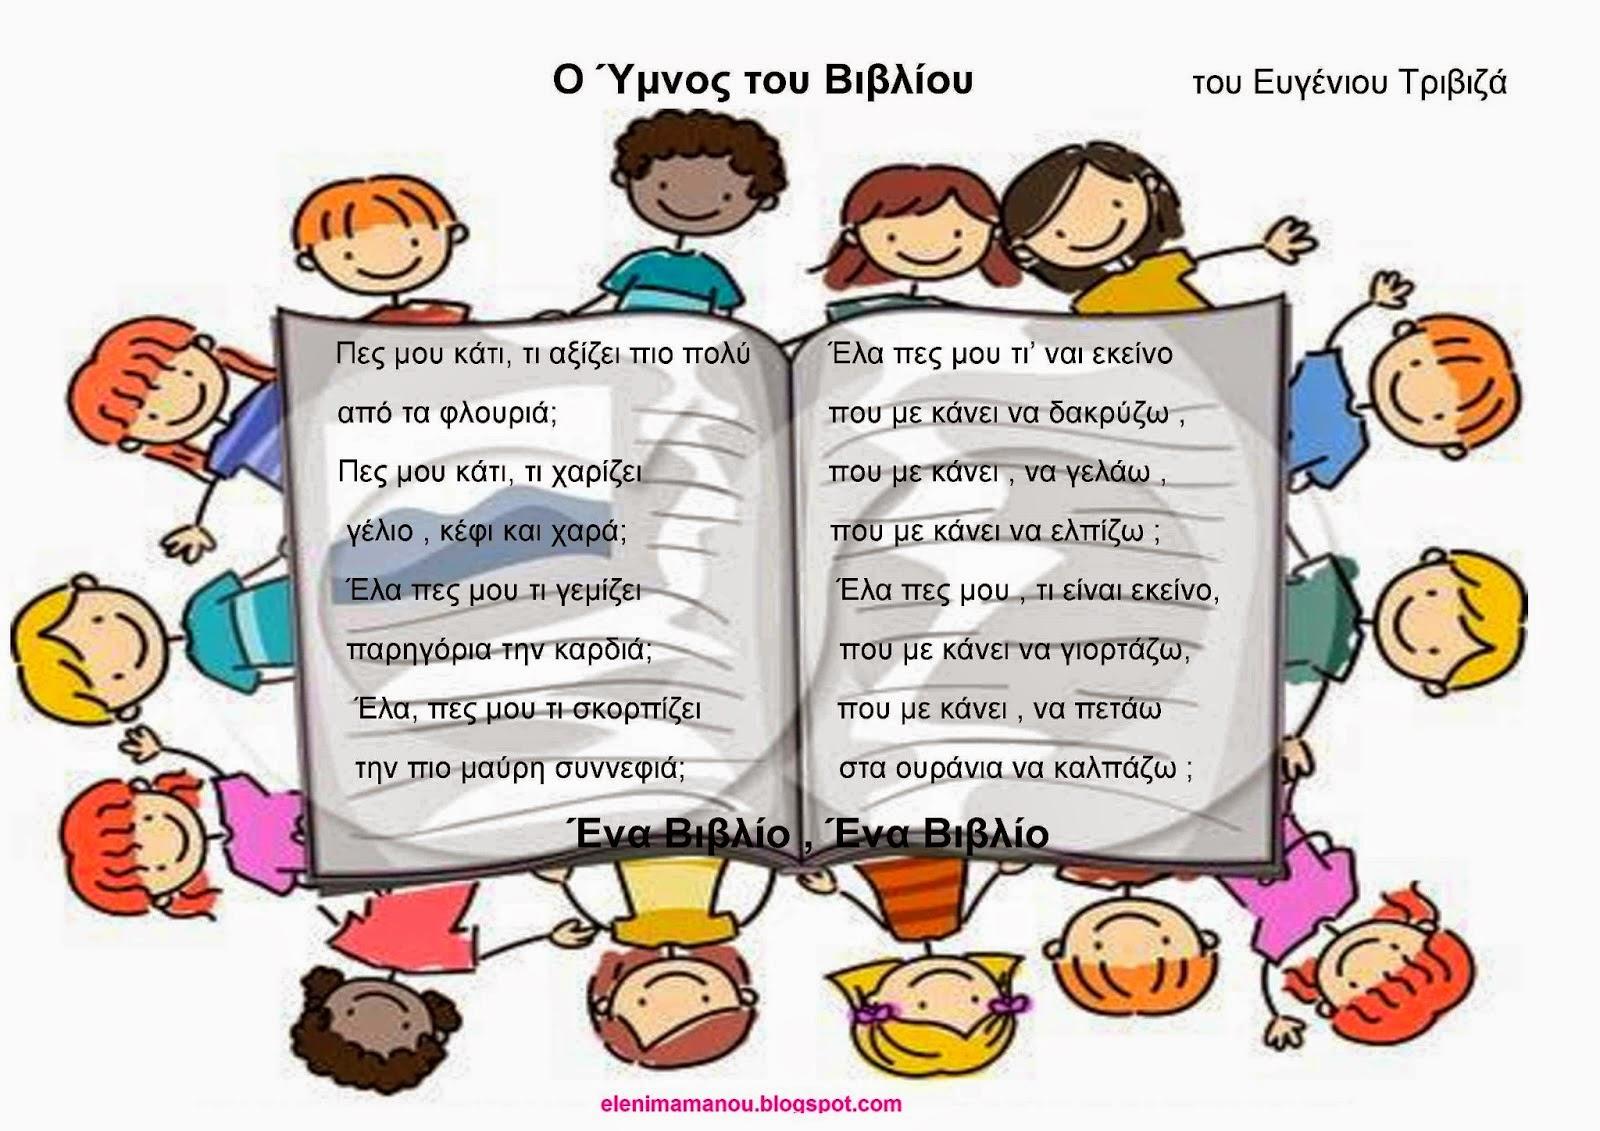 2 Απριλίου-Παγκόσμια Ημέρα Παιδικού Βιβλίου  eb466286d70